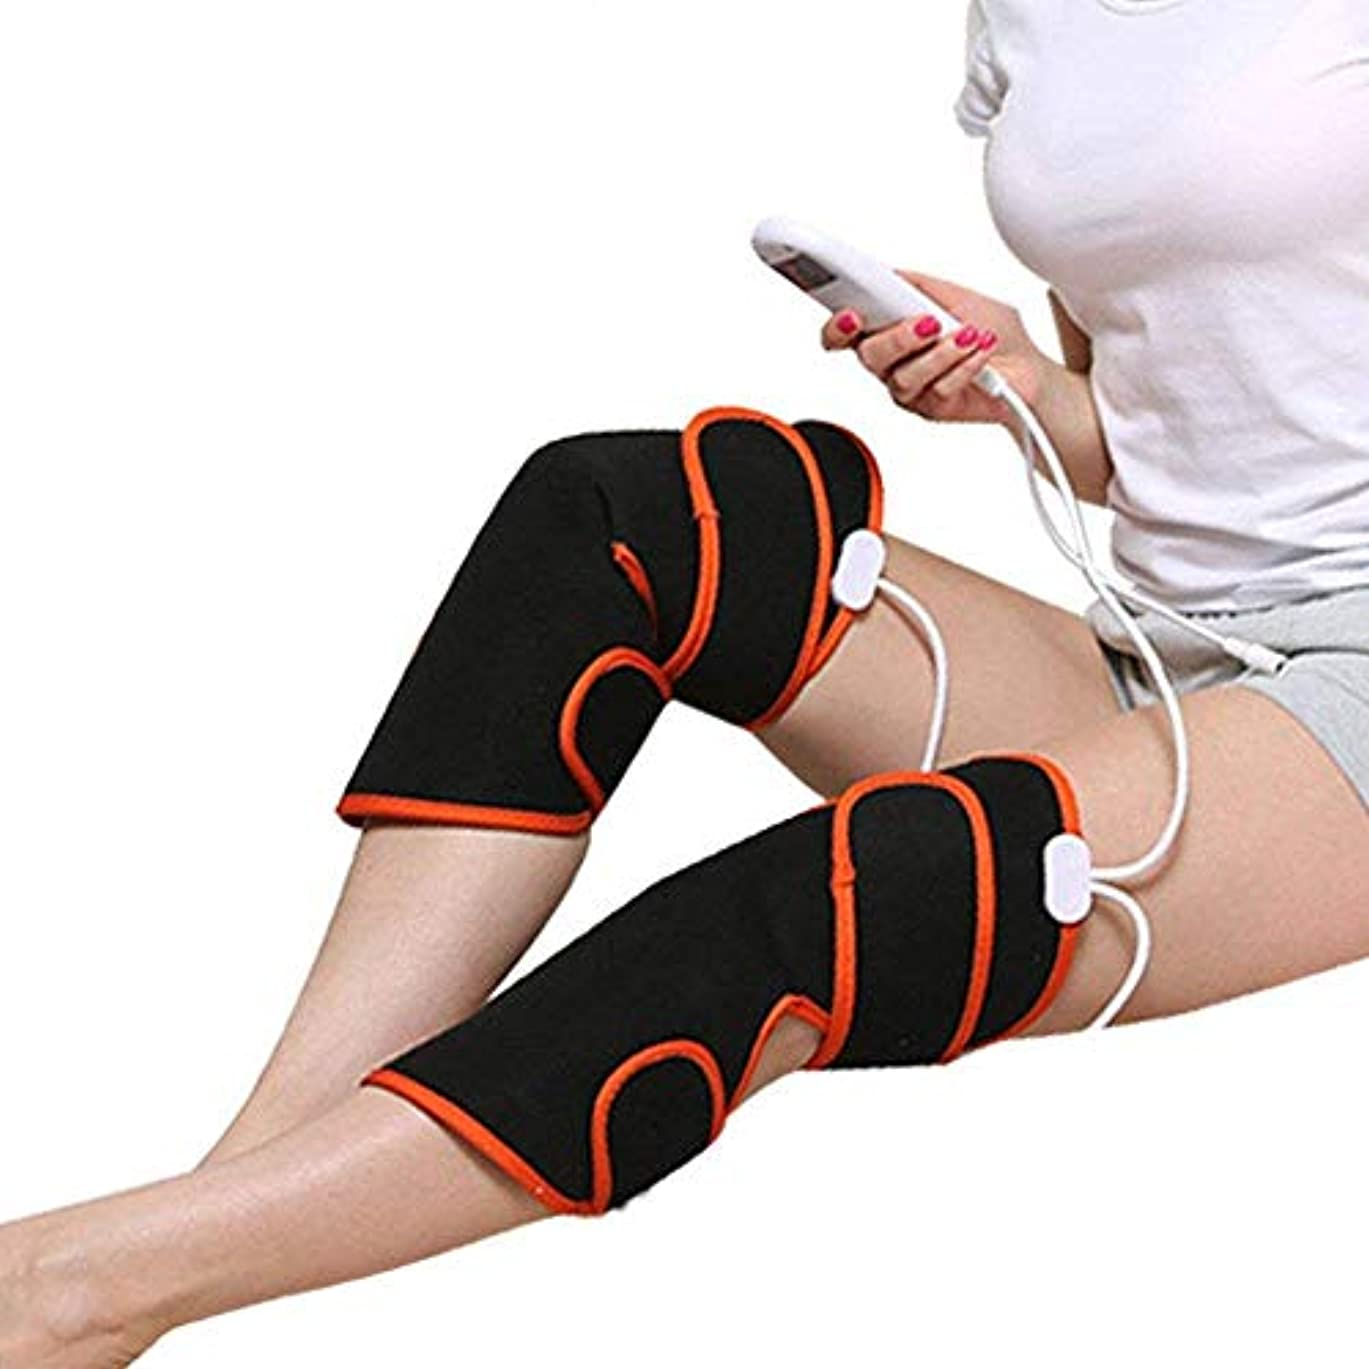 びっくりした時々酸マッサージ器 マッサージ ひざ 足 マッサージャー 振動 ヒーター 通気性 マッサージ機 灸治療 温熱療法 フットマッサージャー 家庭用 充電式 レッグマッサージャー 人気 マッサージ機